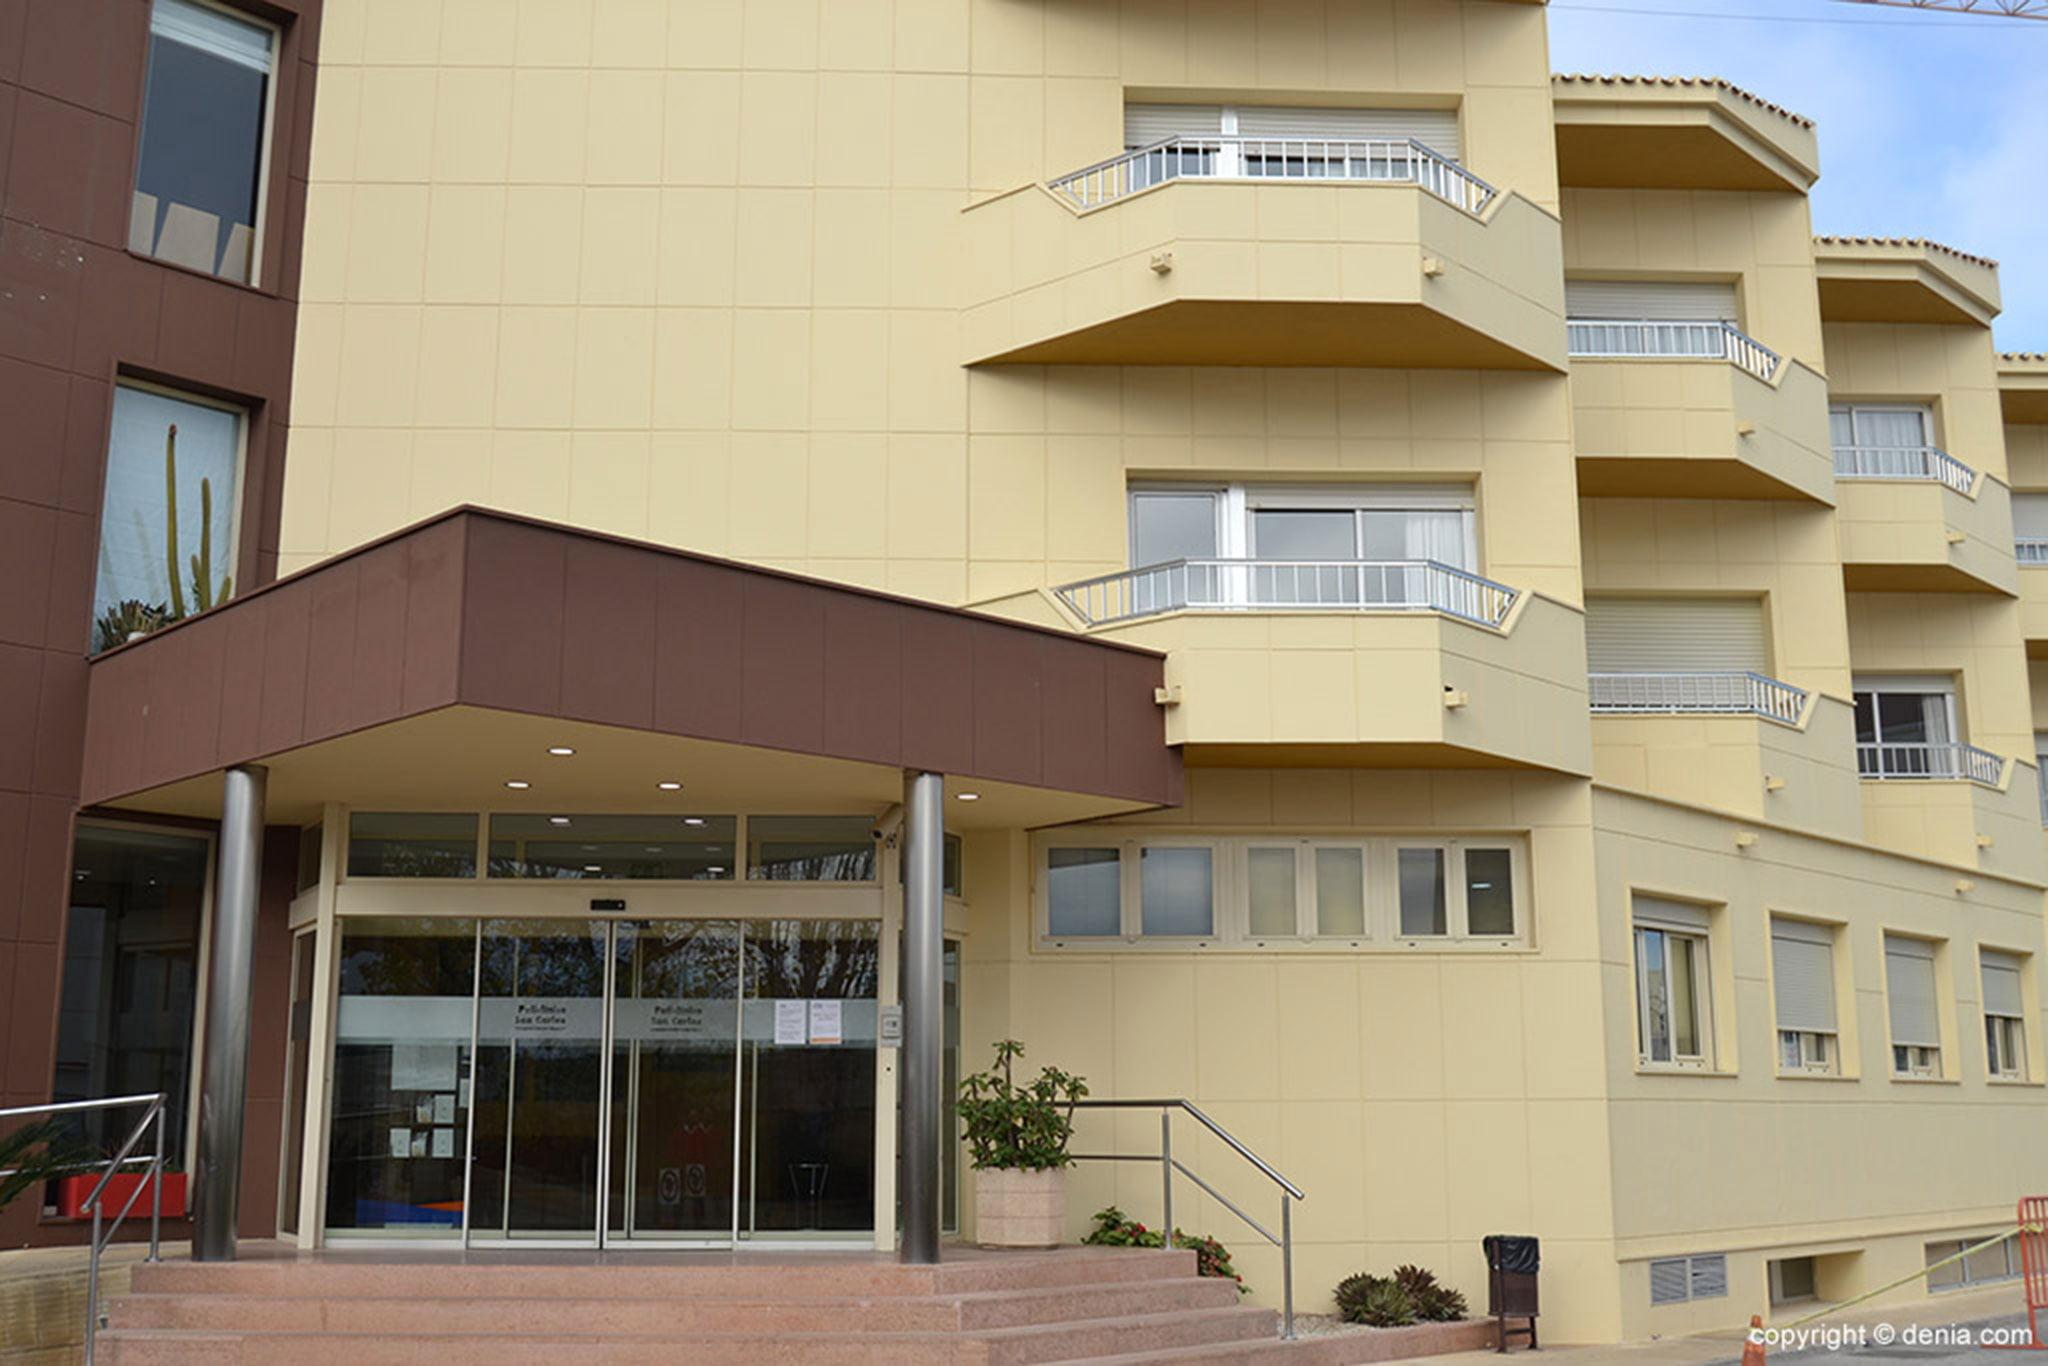 Exterior of HLA San Carlos